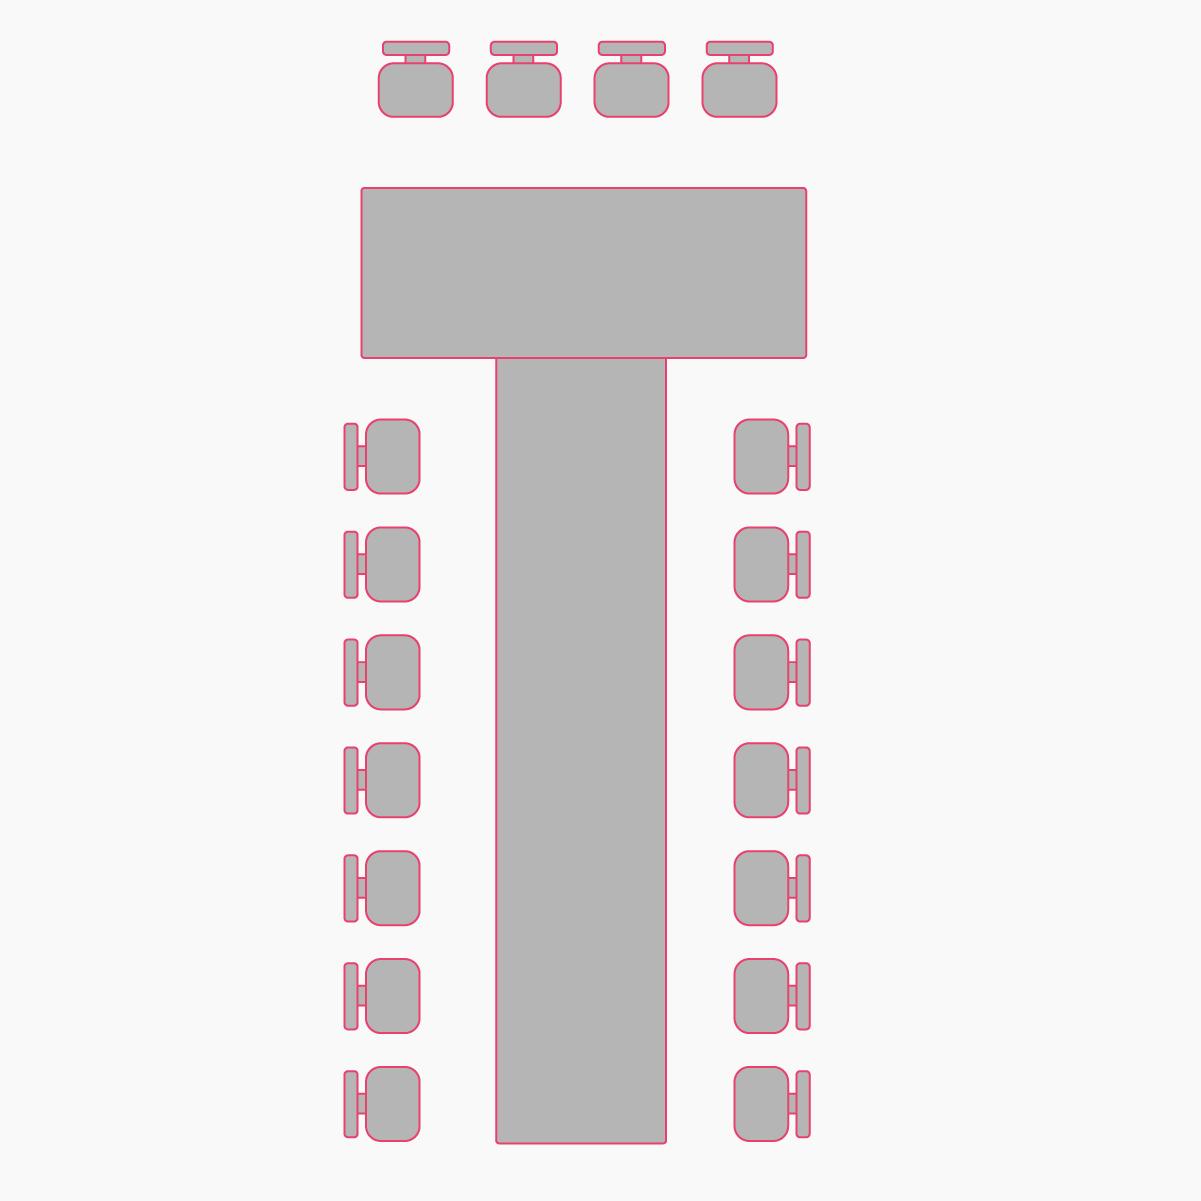 рассадка гостей буквой Т в хрустальном зале